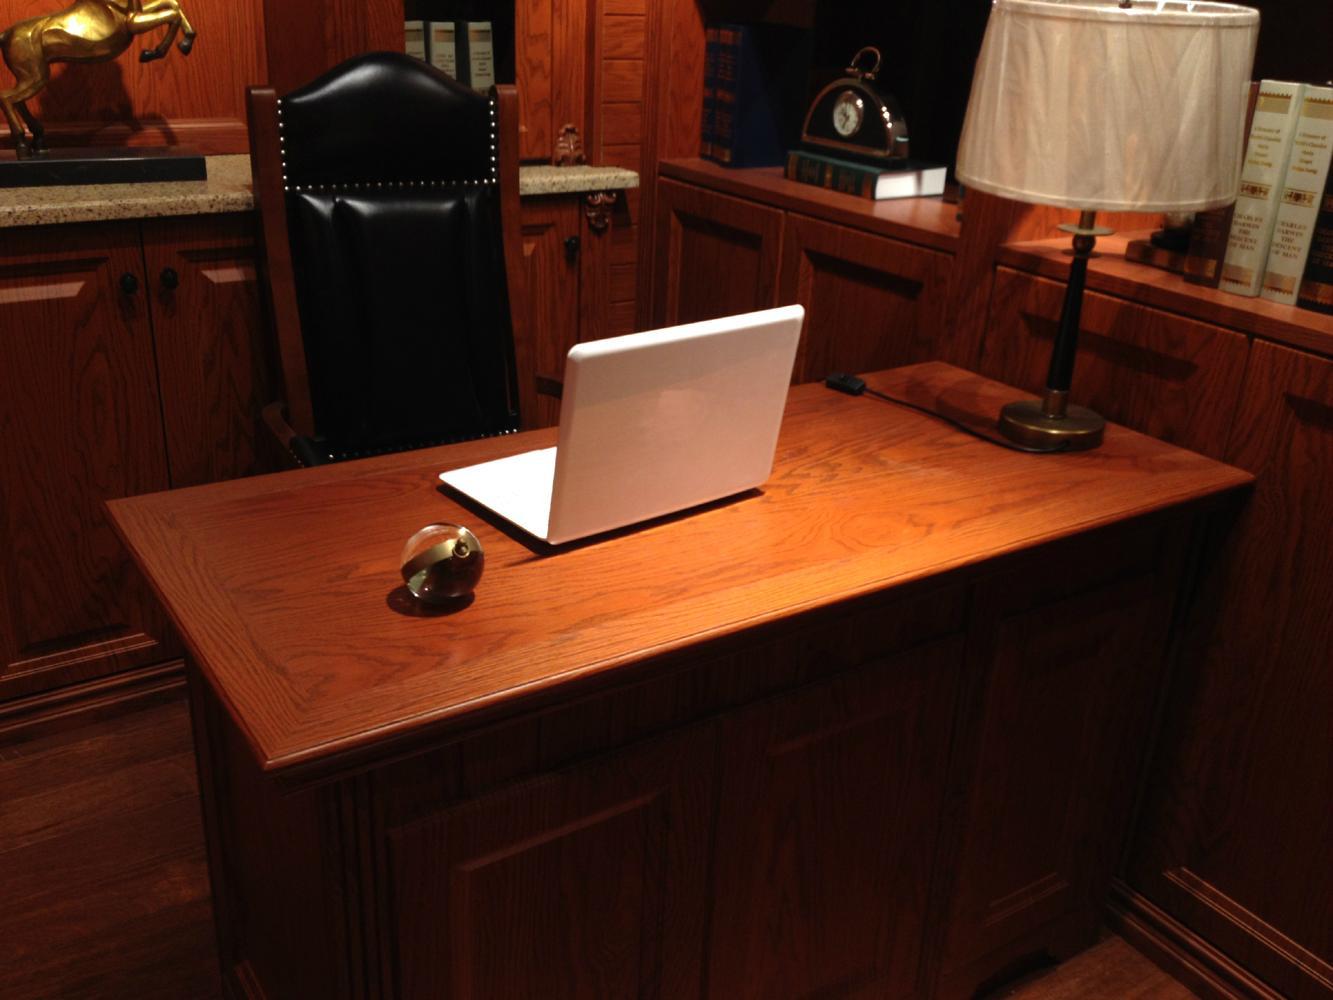 順德辦公傢具展示筆記本模型 電腦模型 仿真電腦 14